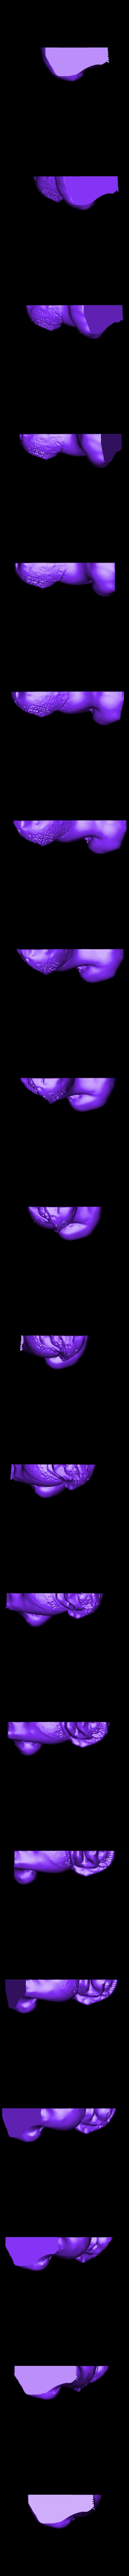 GuardianLionSide_JasonBakutis.stl Télécharger fichier STL gratuit Lion Gardien • Objet pour impression 3D, metmuseum